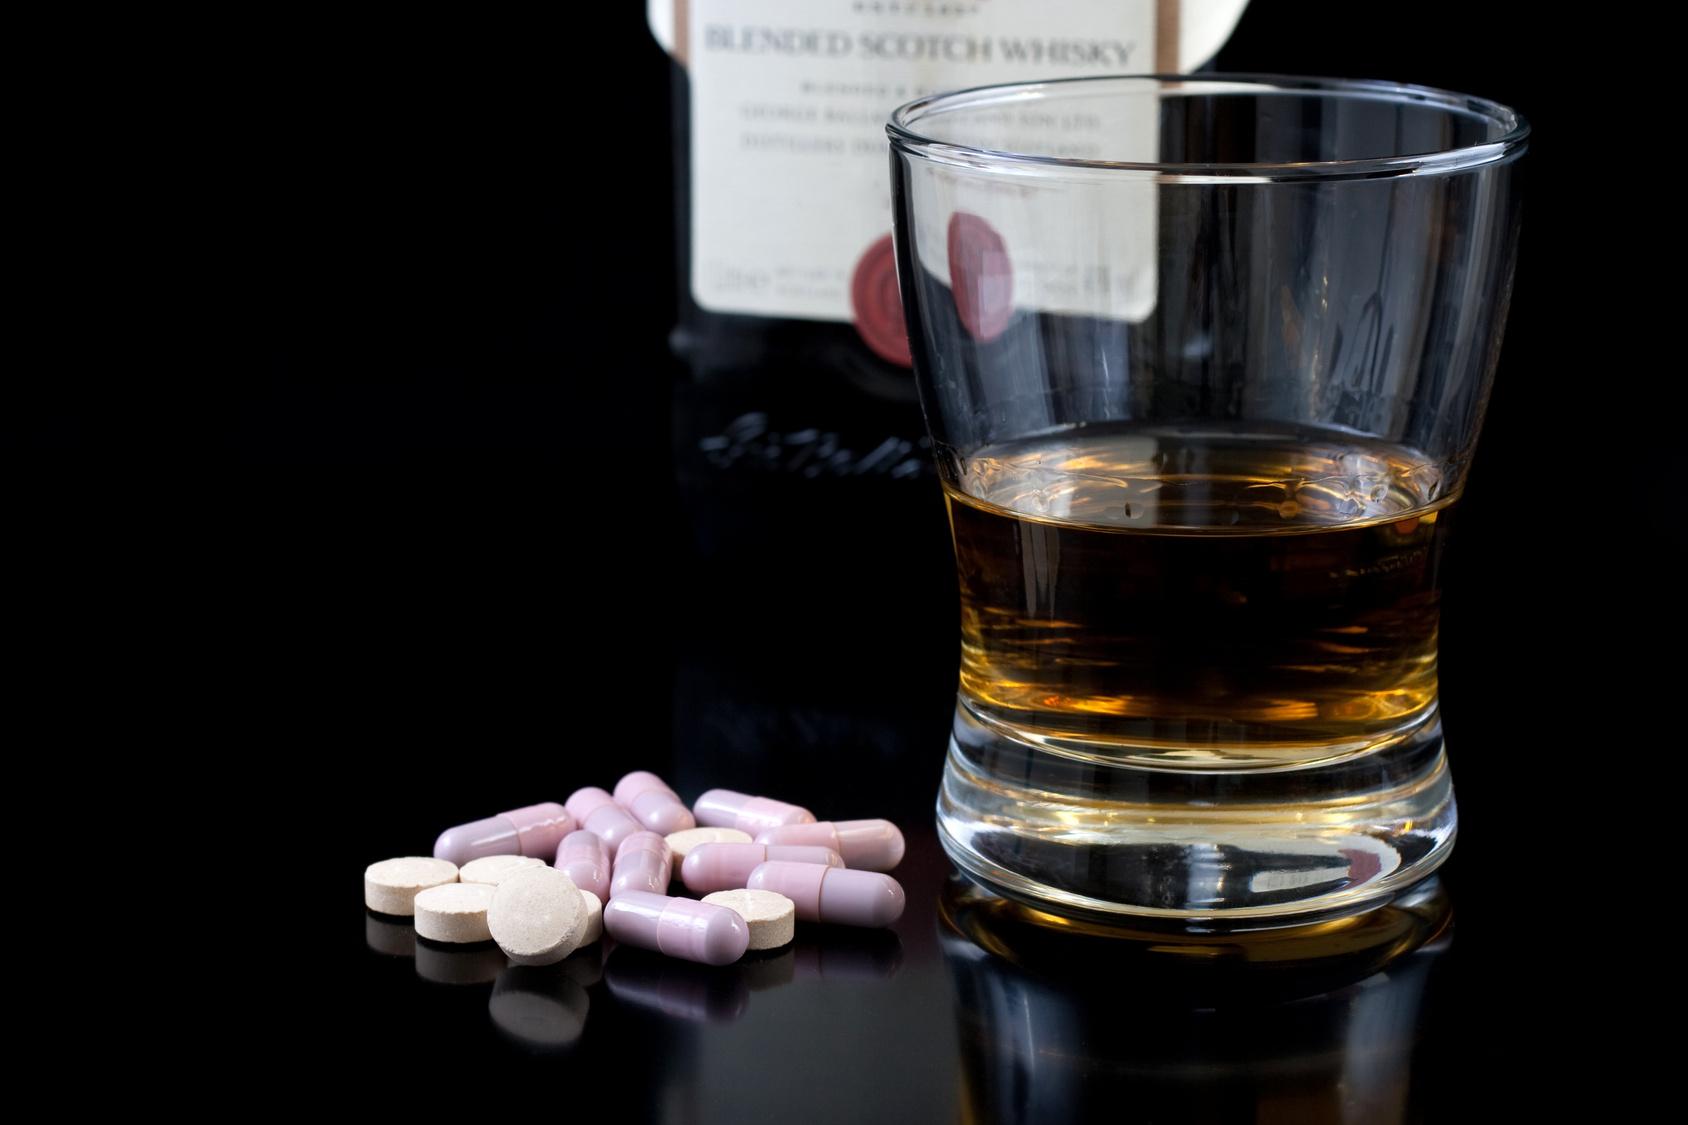 Таблетки найз и алкоголь совместимость